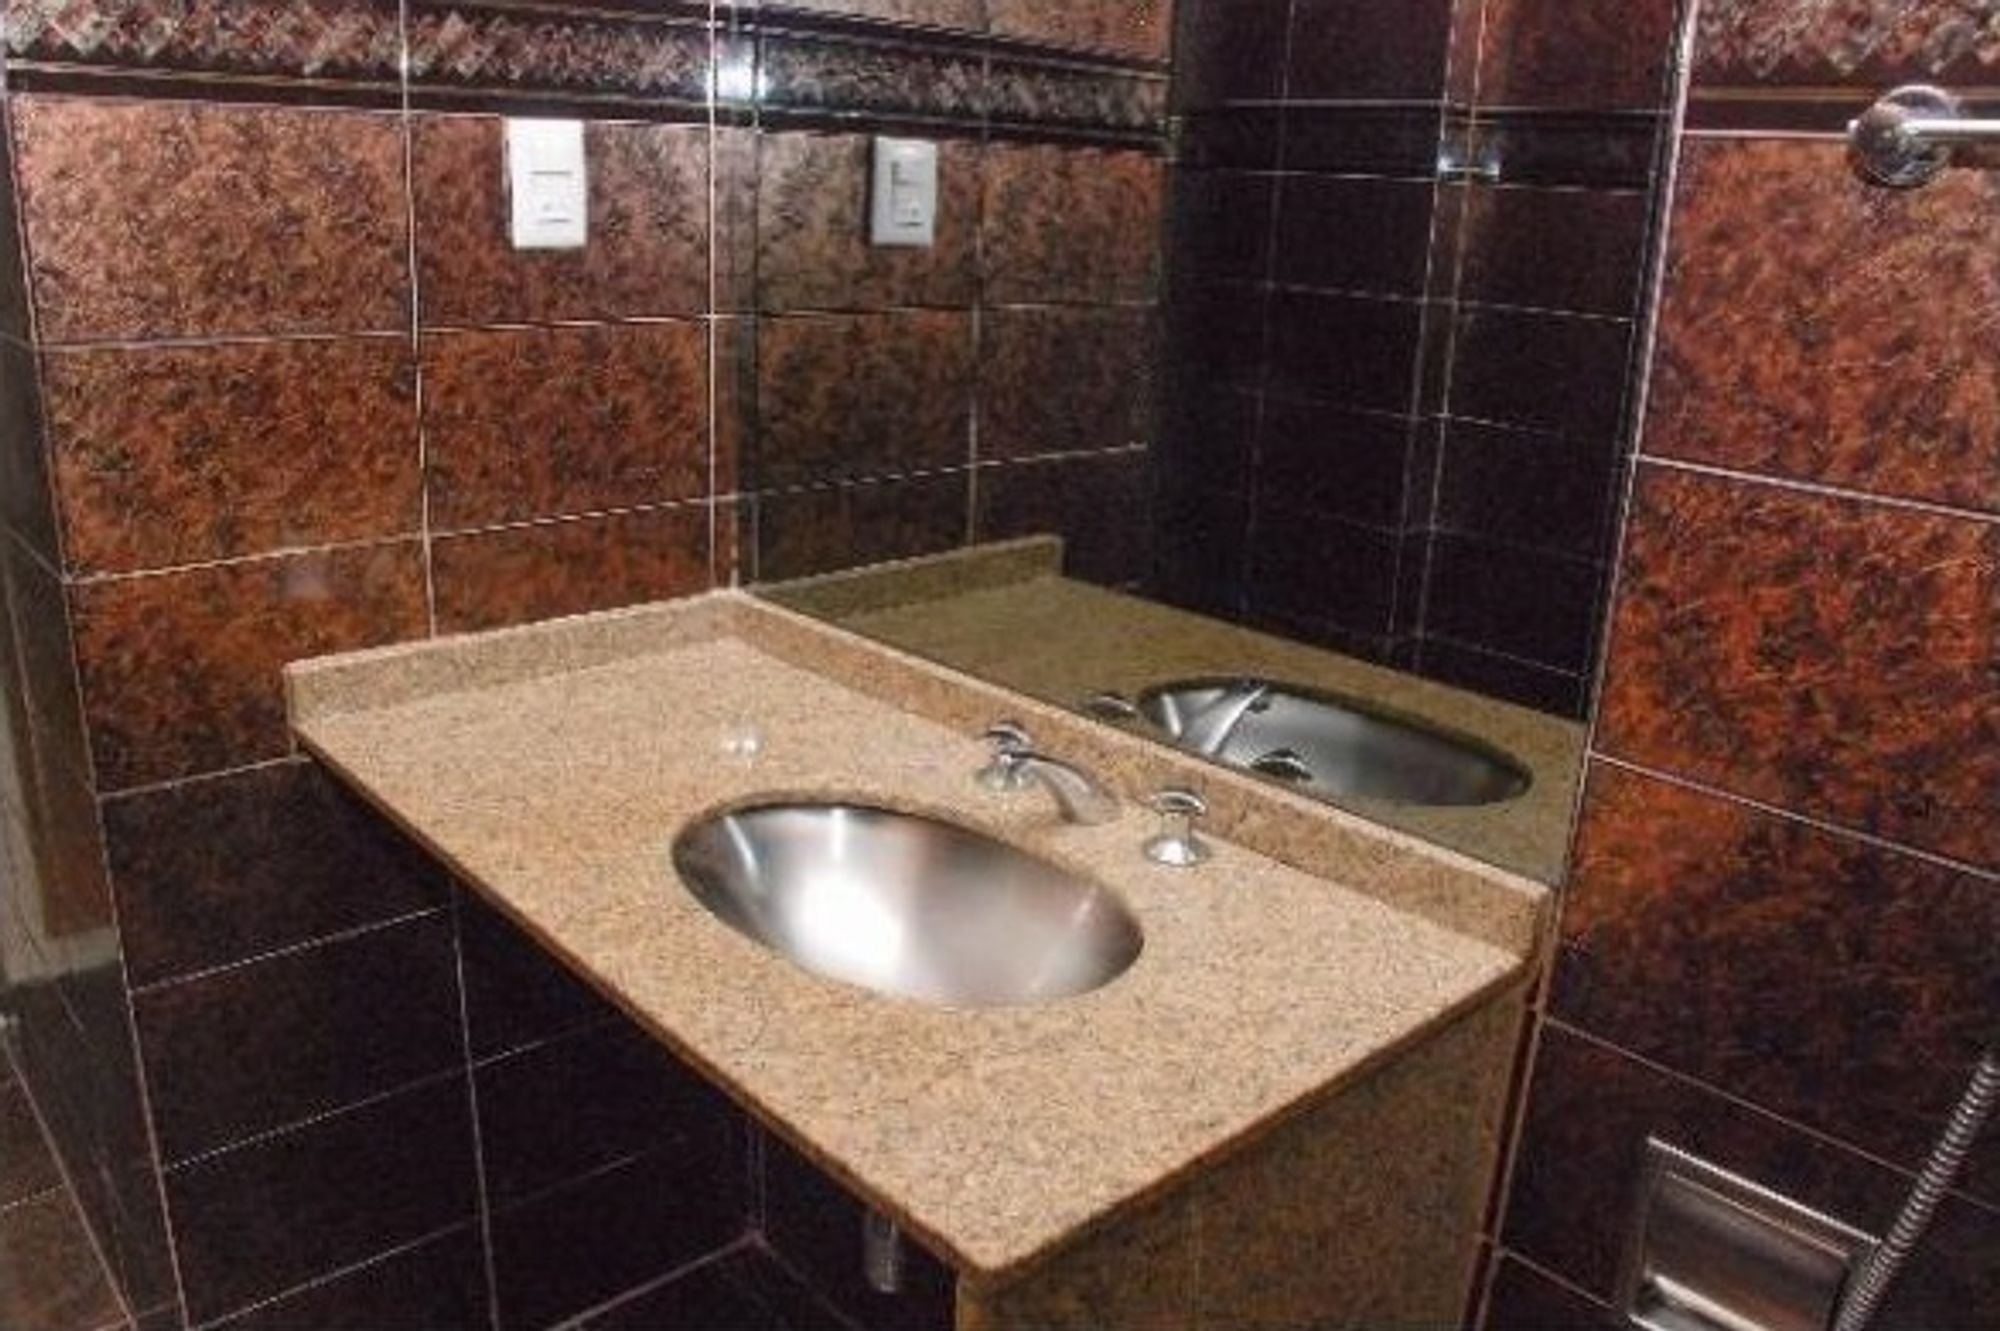 Foto de Banheiro com pia